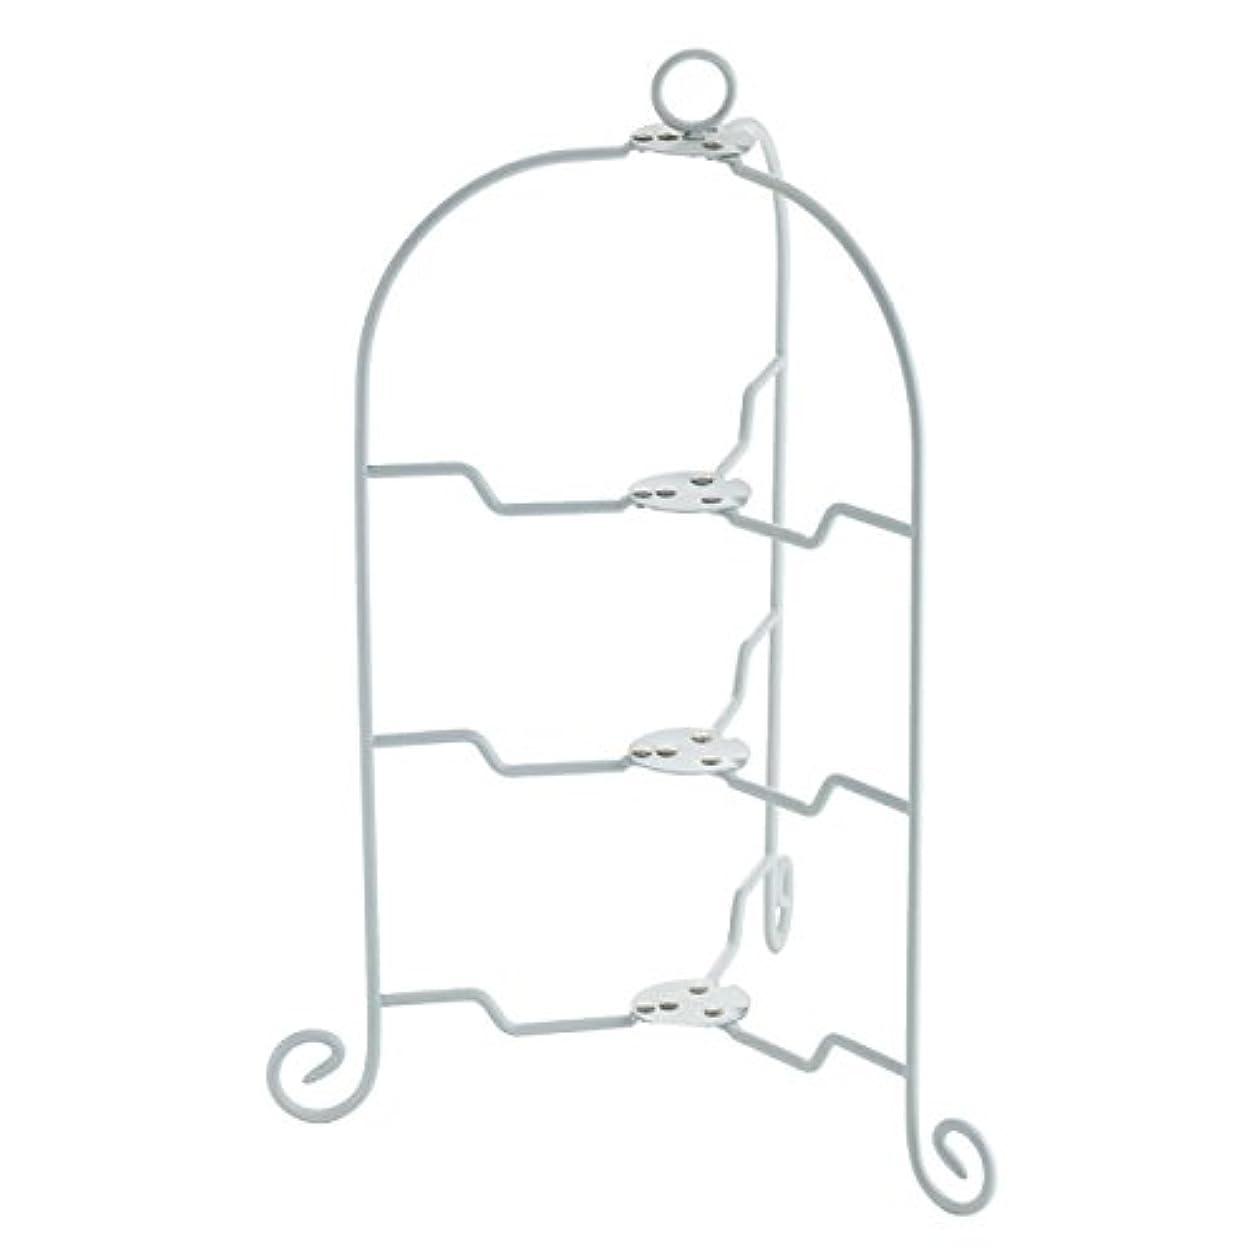 バッフル老朽化した知覚するCASUAL PRODUCT ドルチェ フォールダブルケーキスタンド3段 WH 018190